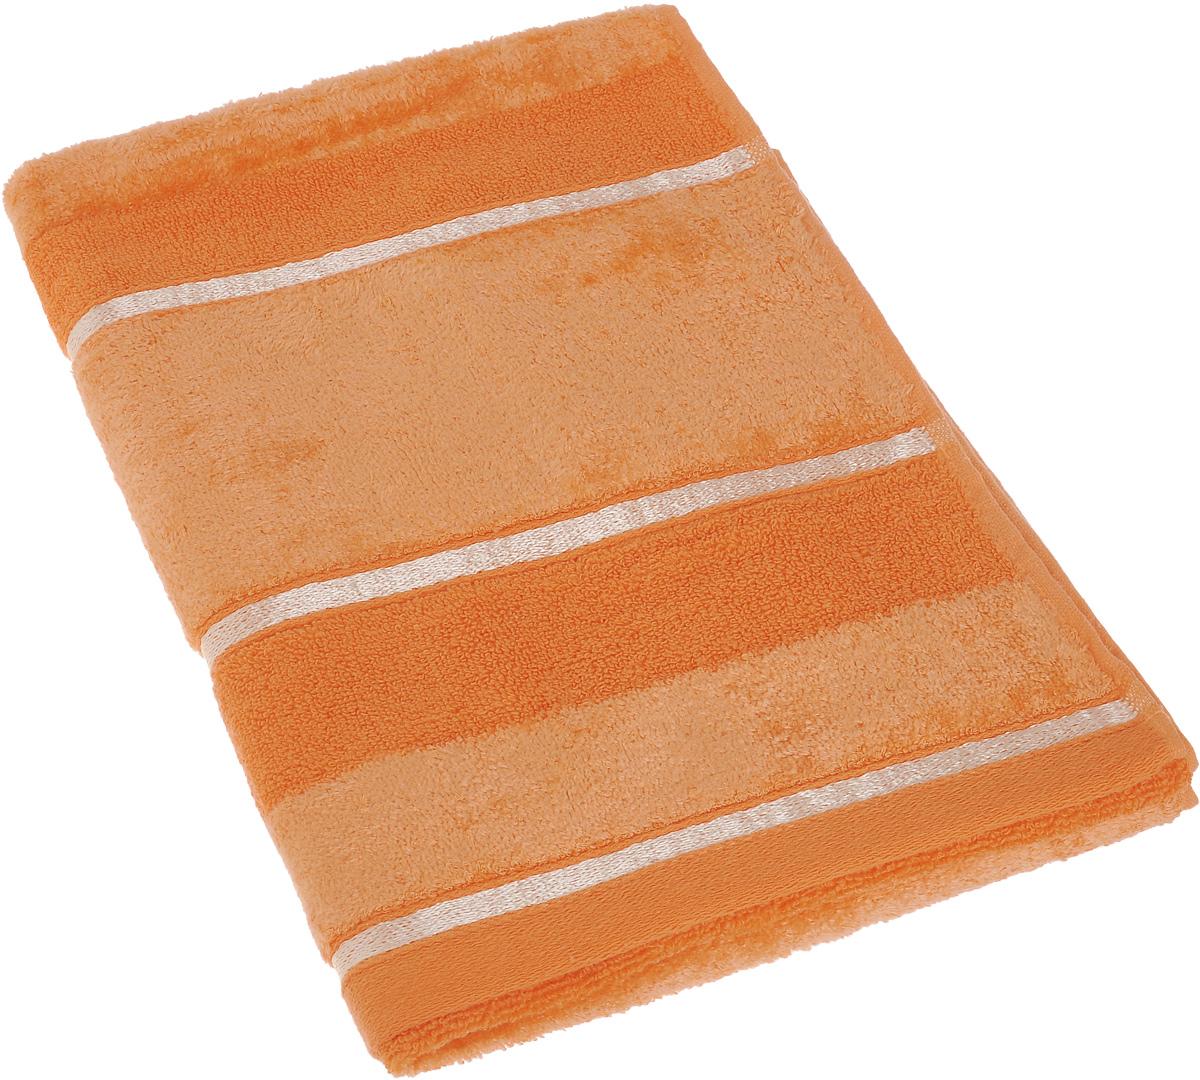 Полотенце Soavita Louise, цвет: оранжевый, 50 х 90 см64033Полотенце Soavita Louise выполнено из 100% хлопка. Все детали качественно прошиты, ткань очень плотная, не линяет и держится много лет. Изделие отлично впитывает влагу, быстро сохнет, сохраняет яркость цвета и не теряет форму даже после многократных стирок. Полотенце очень практично и неприхотливо в уходе. Оно создаст прекрасное настроение и украсит интерьер в ванной комнате.